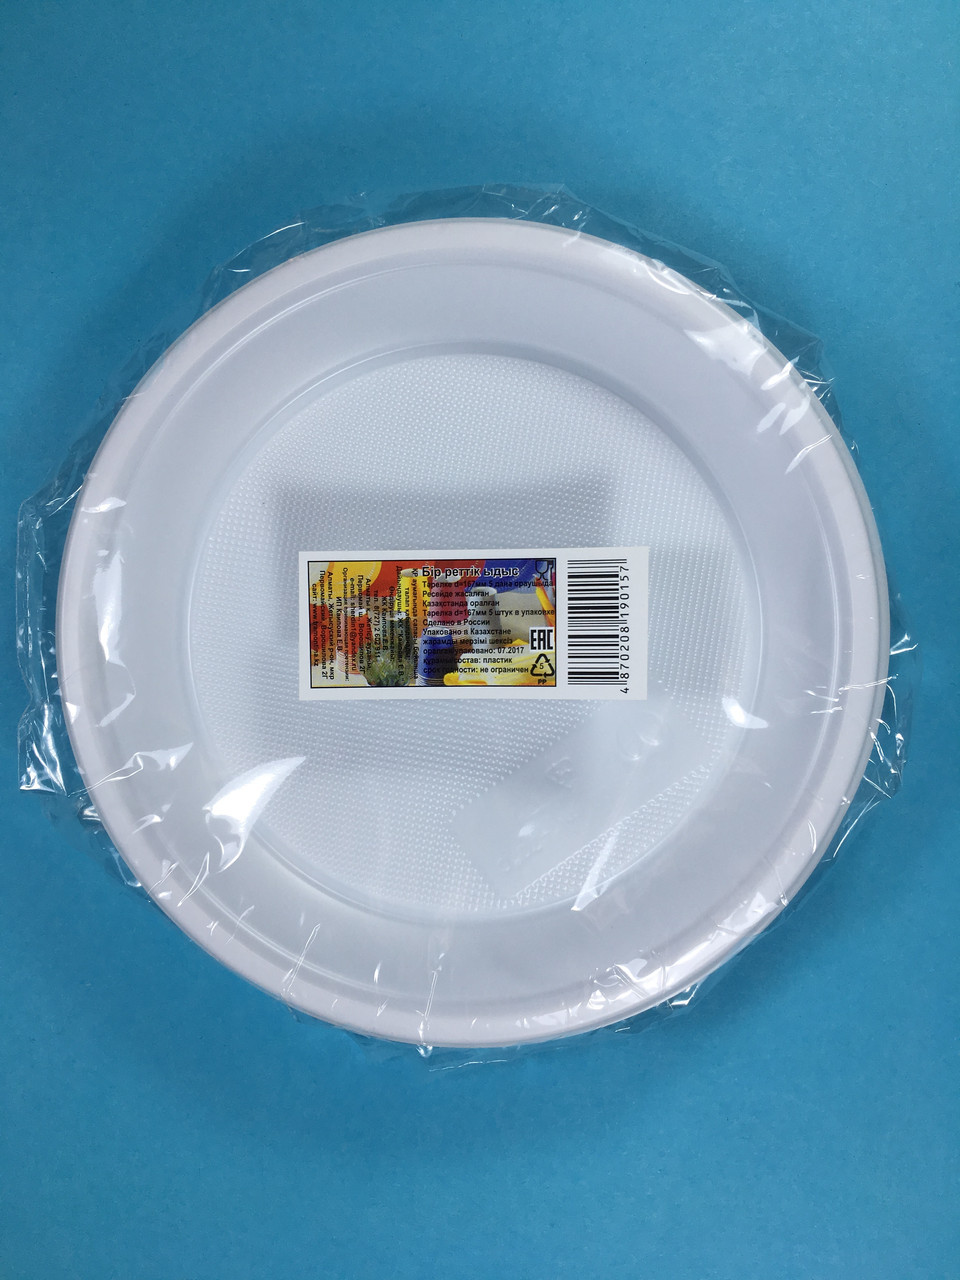 Тарелка одноразовая белая 167 мм 5 шт/уп Sherdin